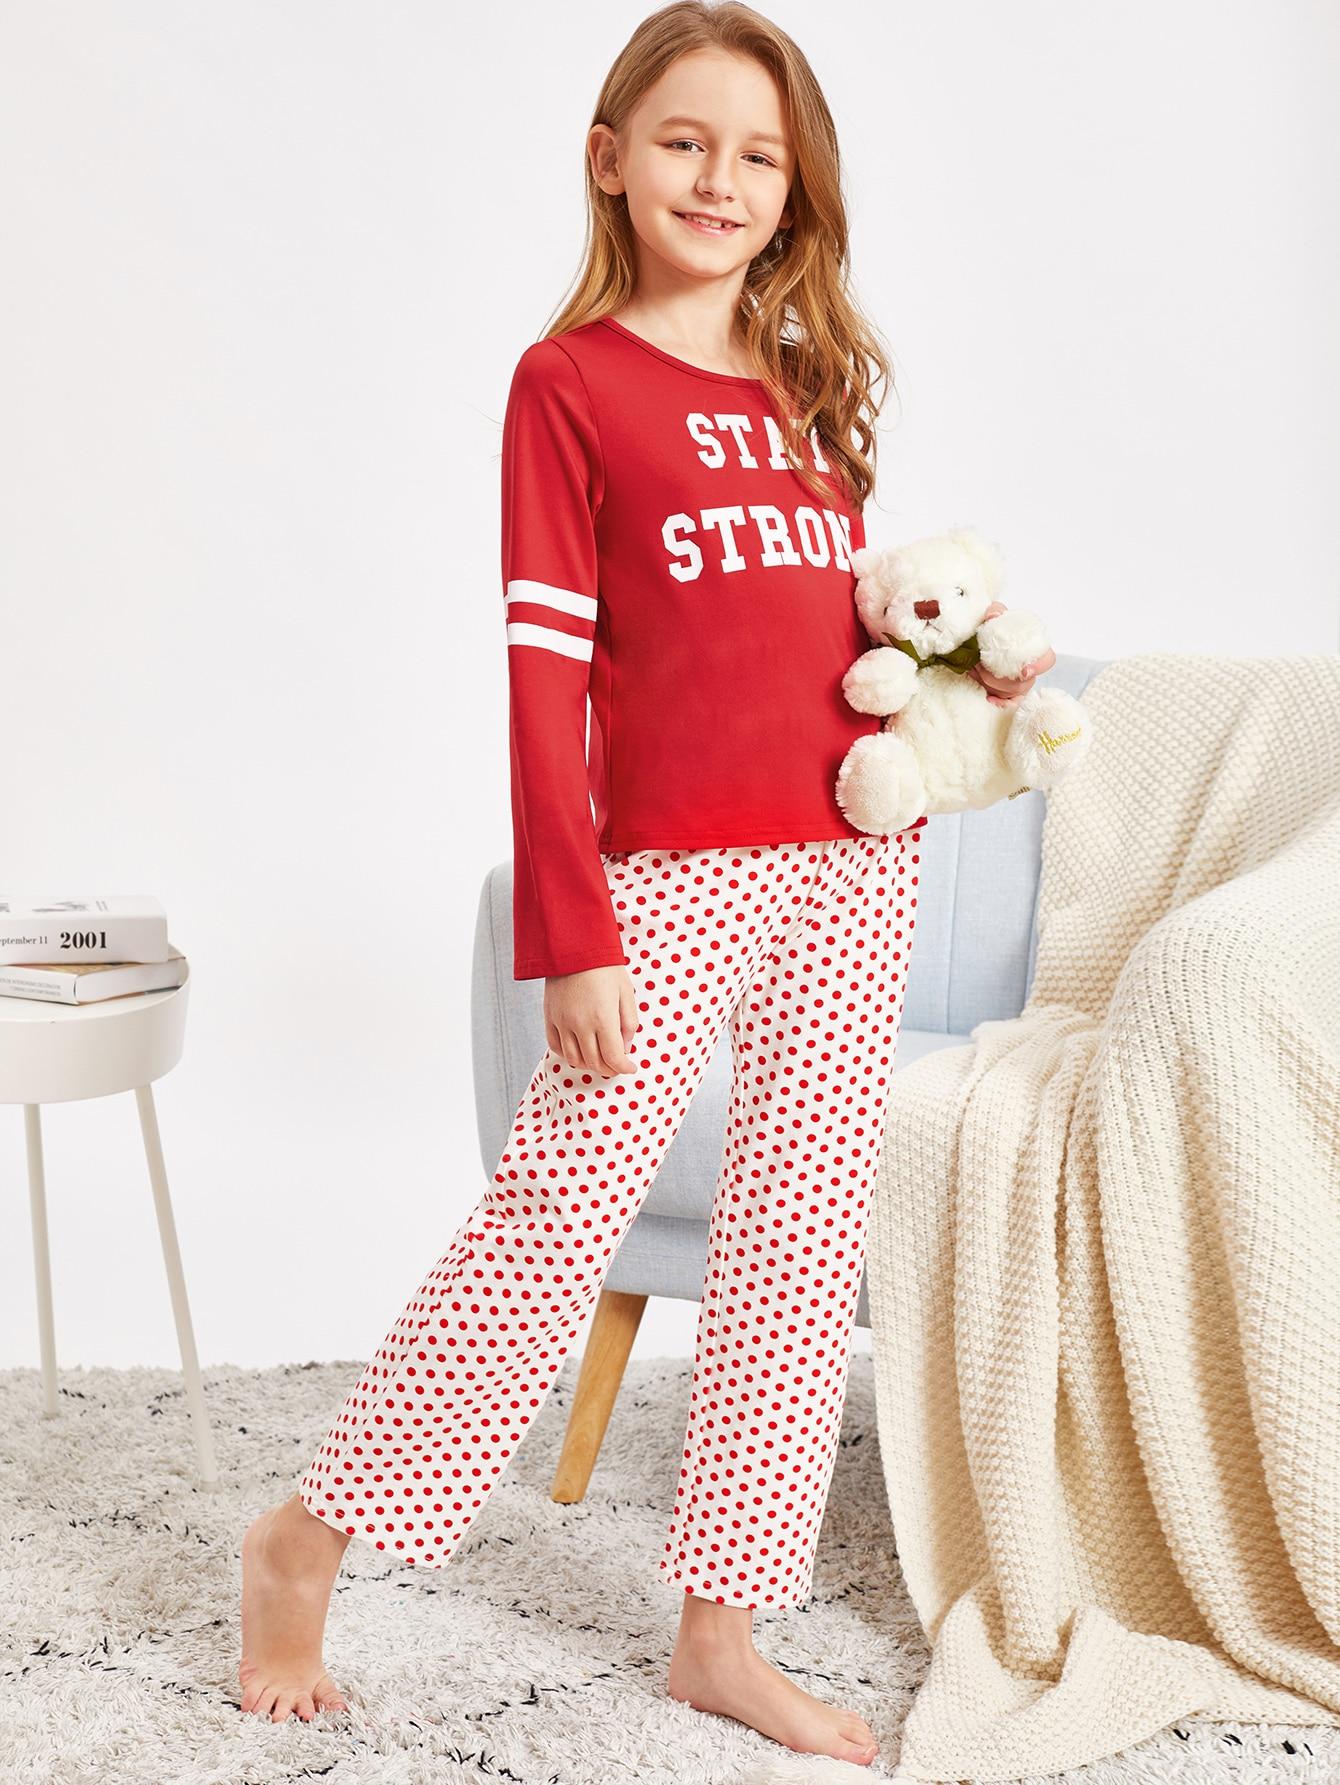 Купить Пижамный комплект топ с текстовым принтом и брюки в горошек для девочек, Sashab, SheIn